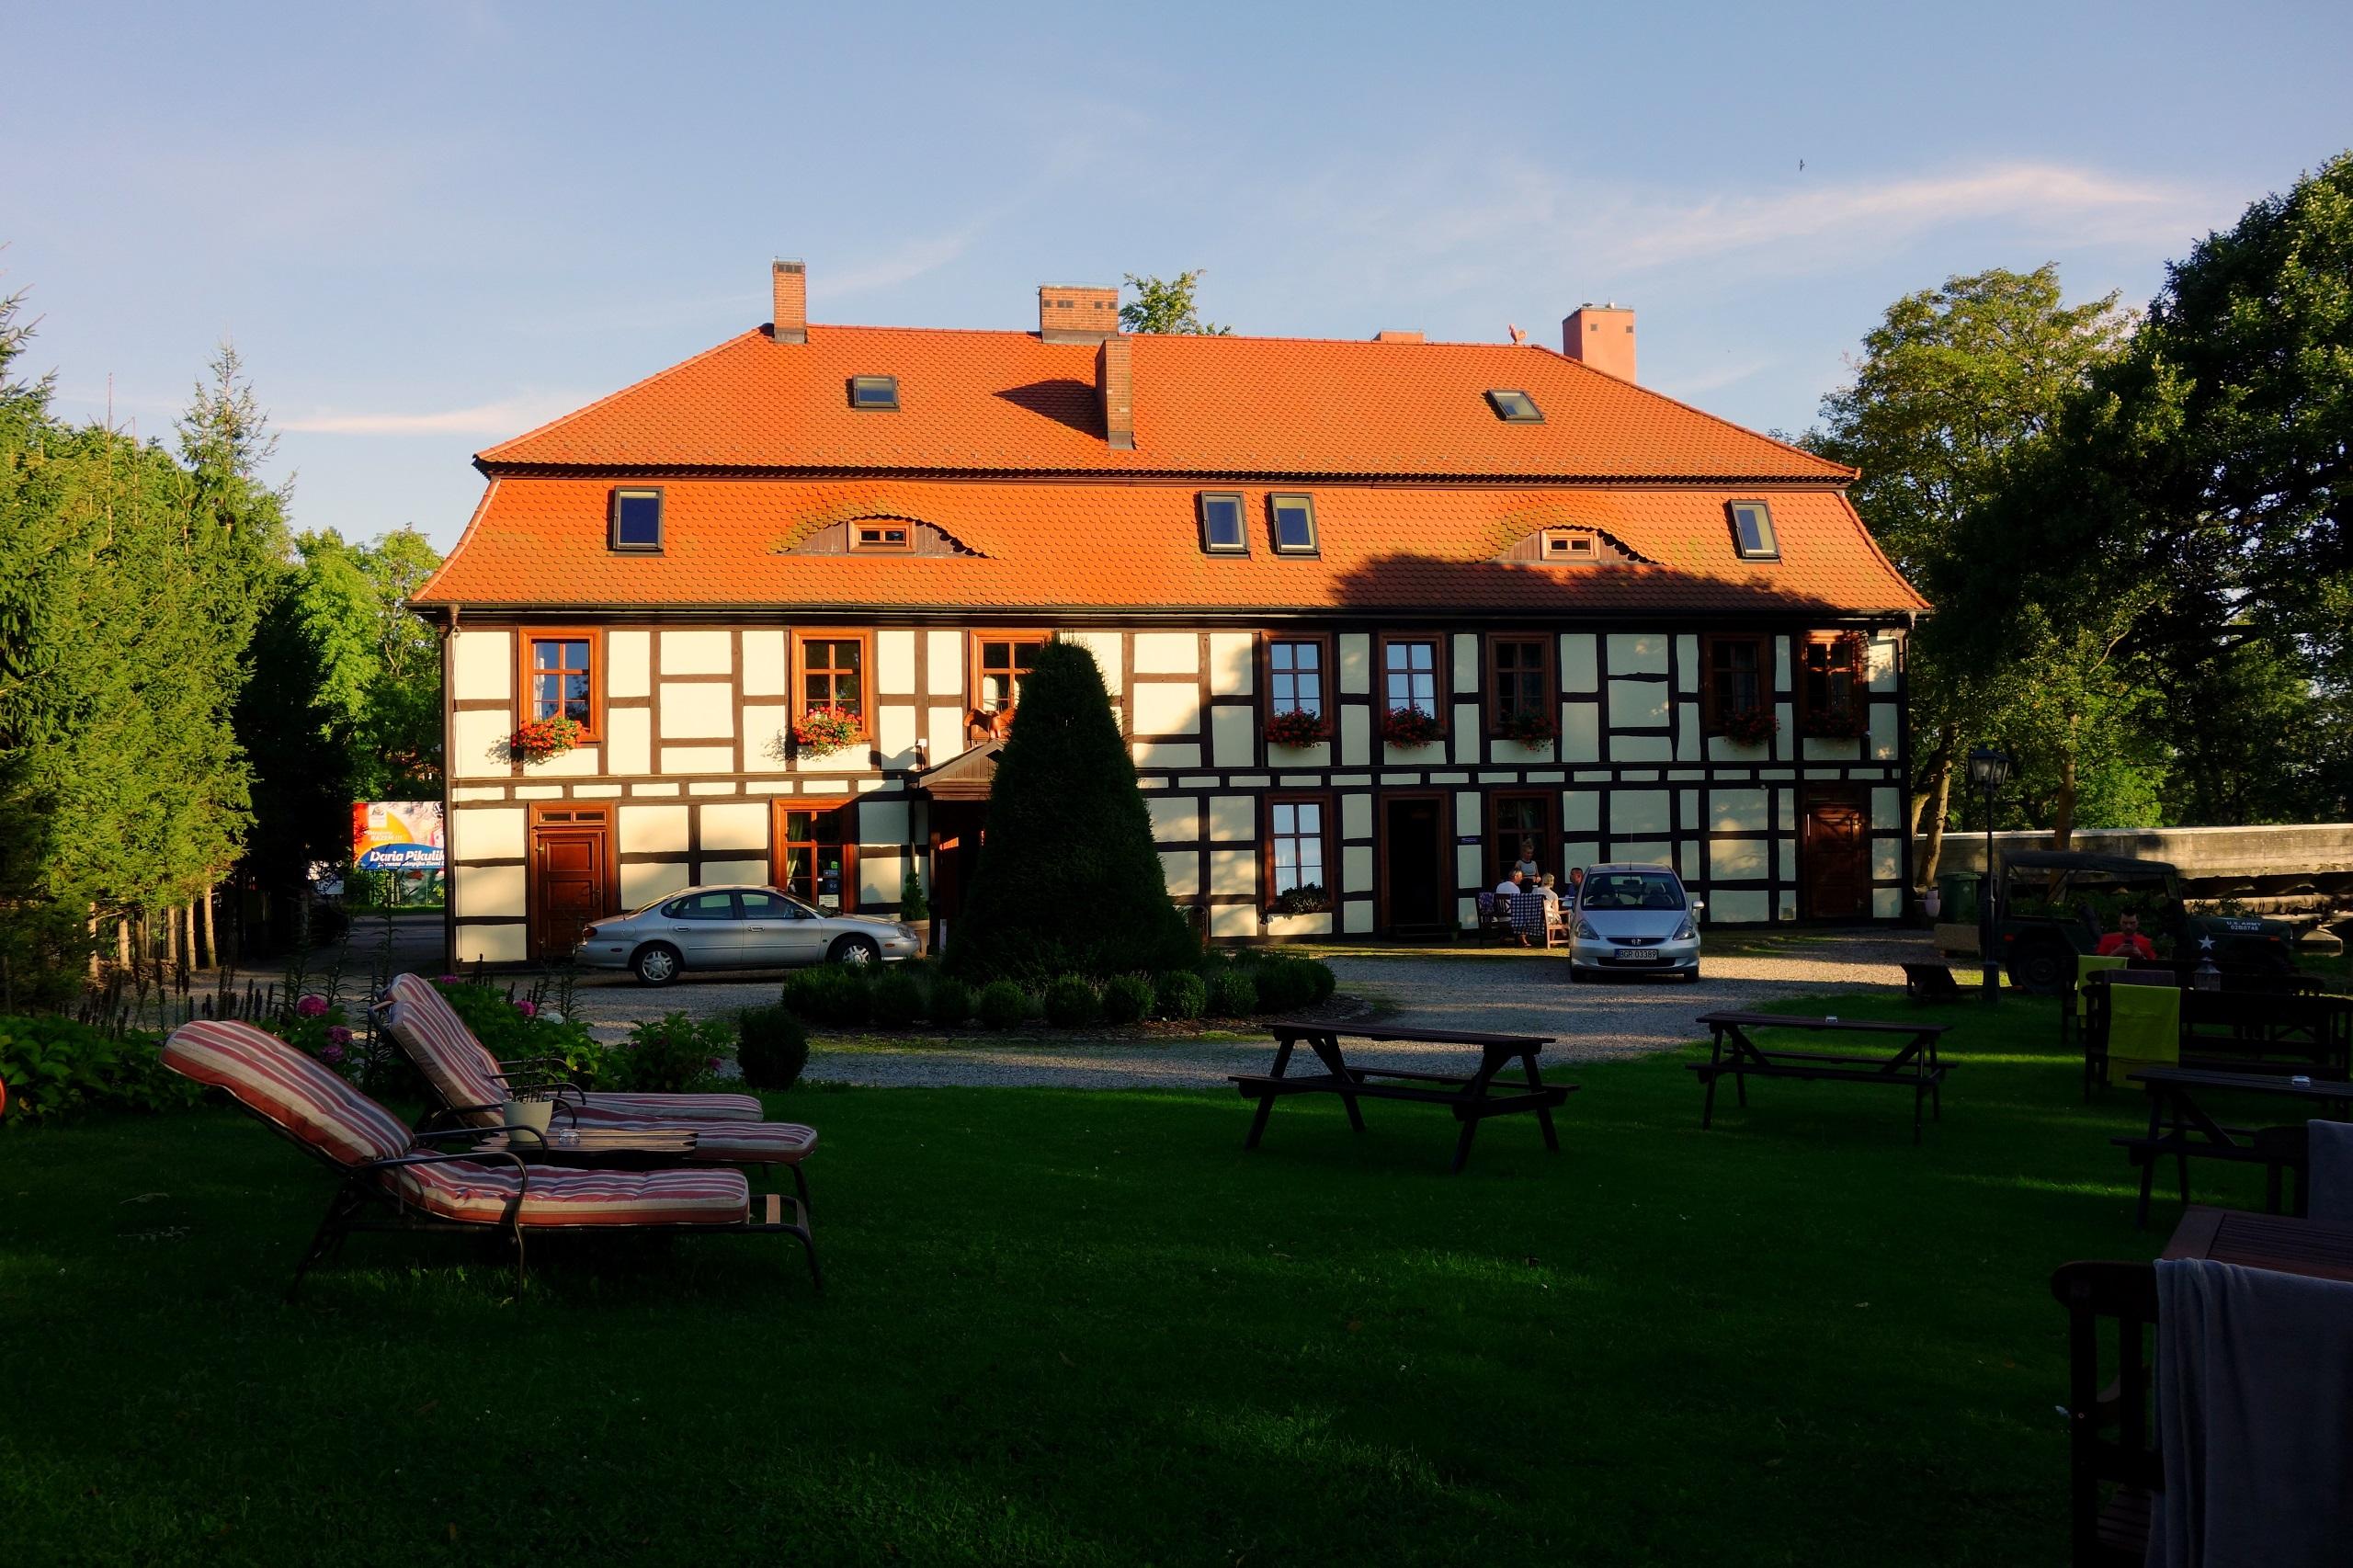 Gościniec Zamkowy - hotel historyczny